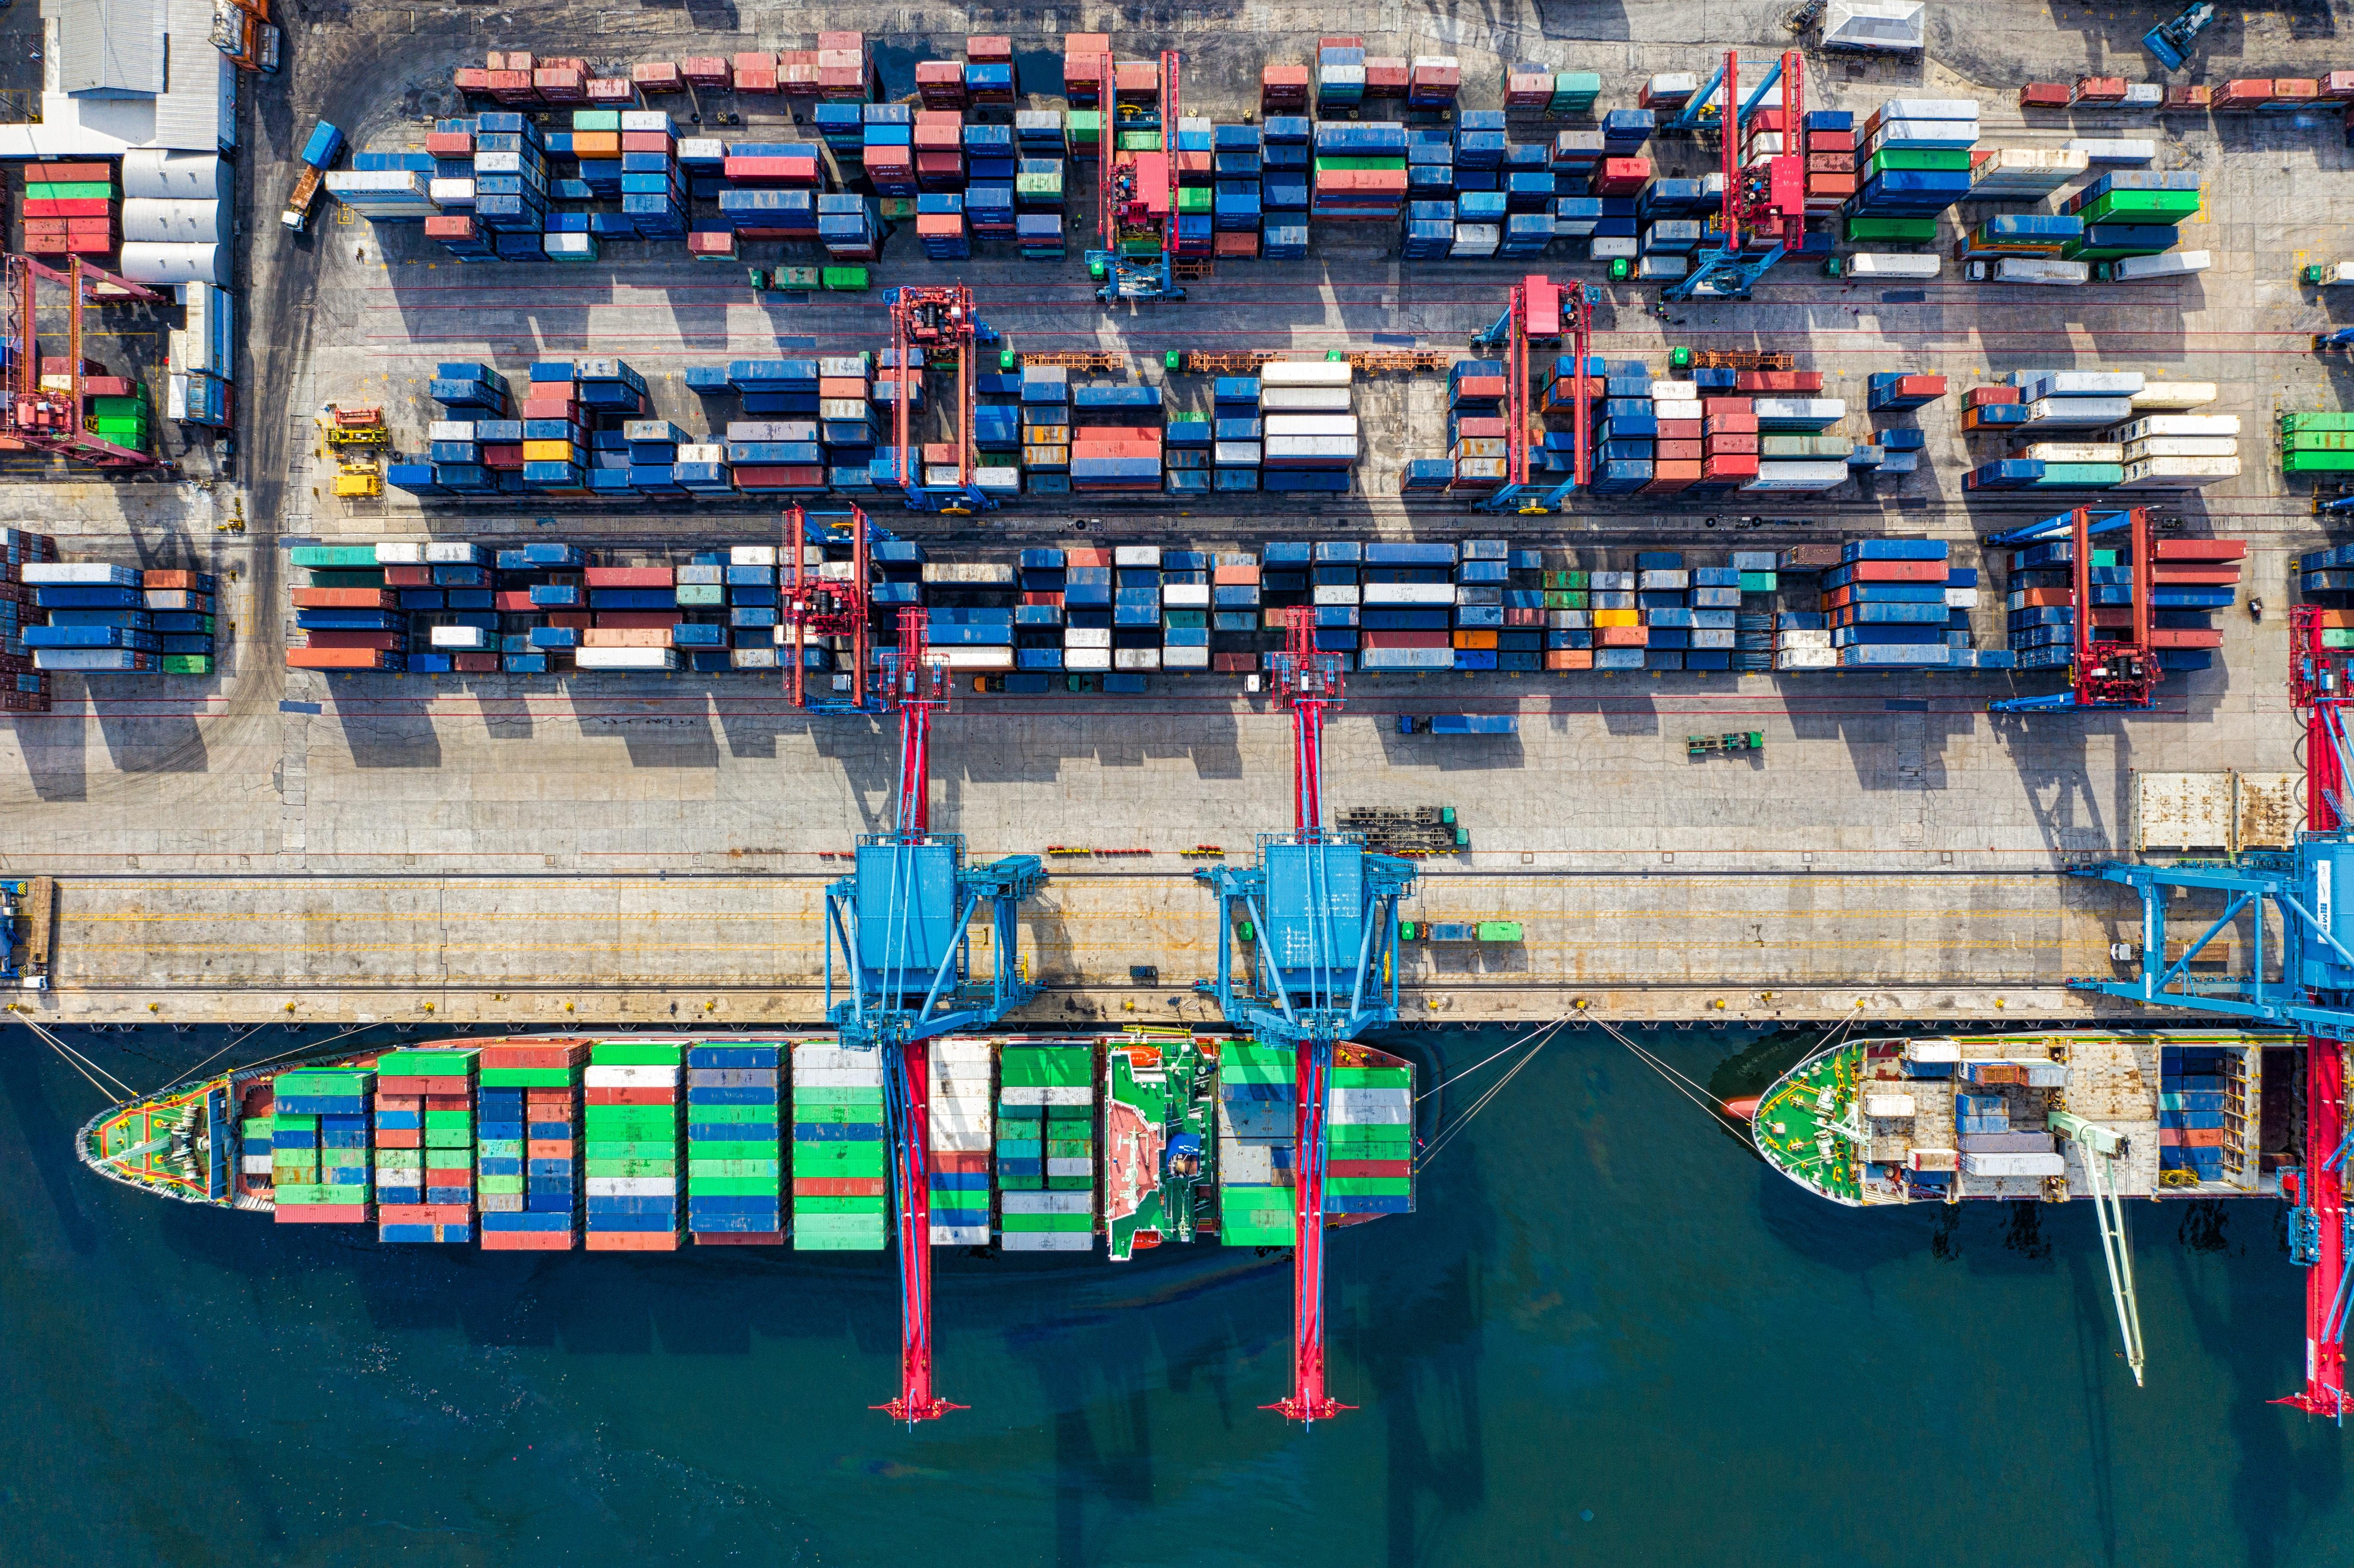 Zabezpieczenie przed korozją podczas transportu – dlaczego jest tak ważne